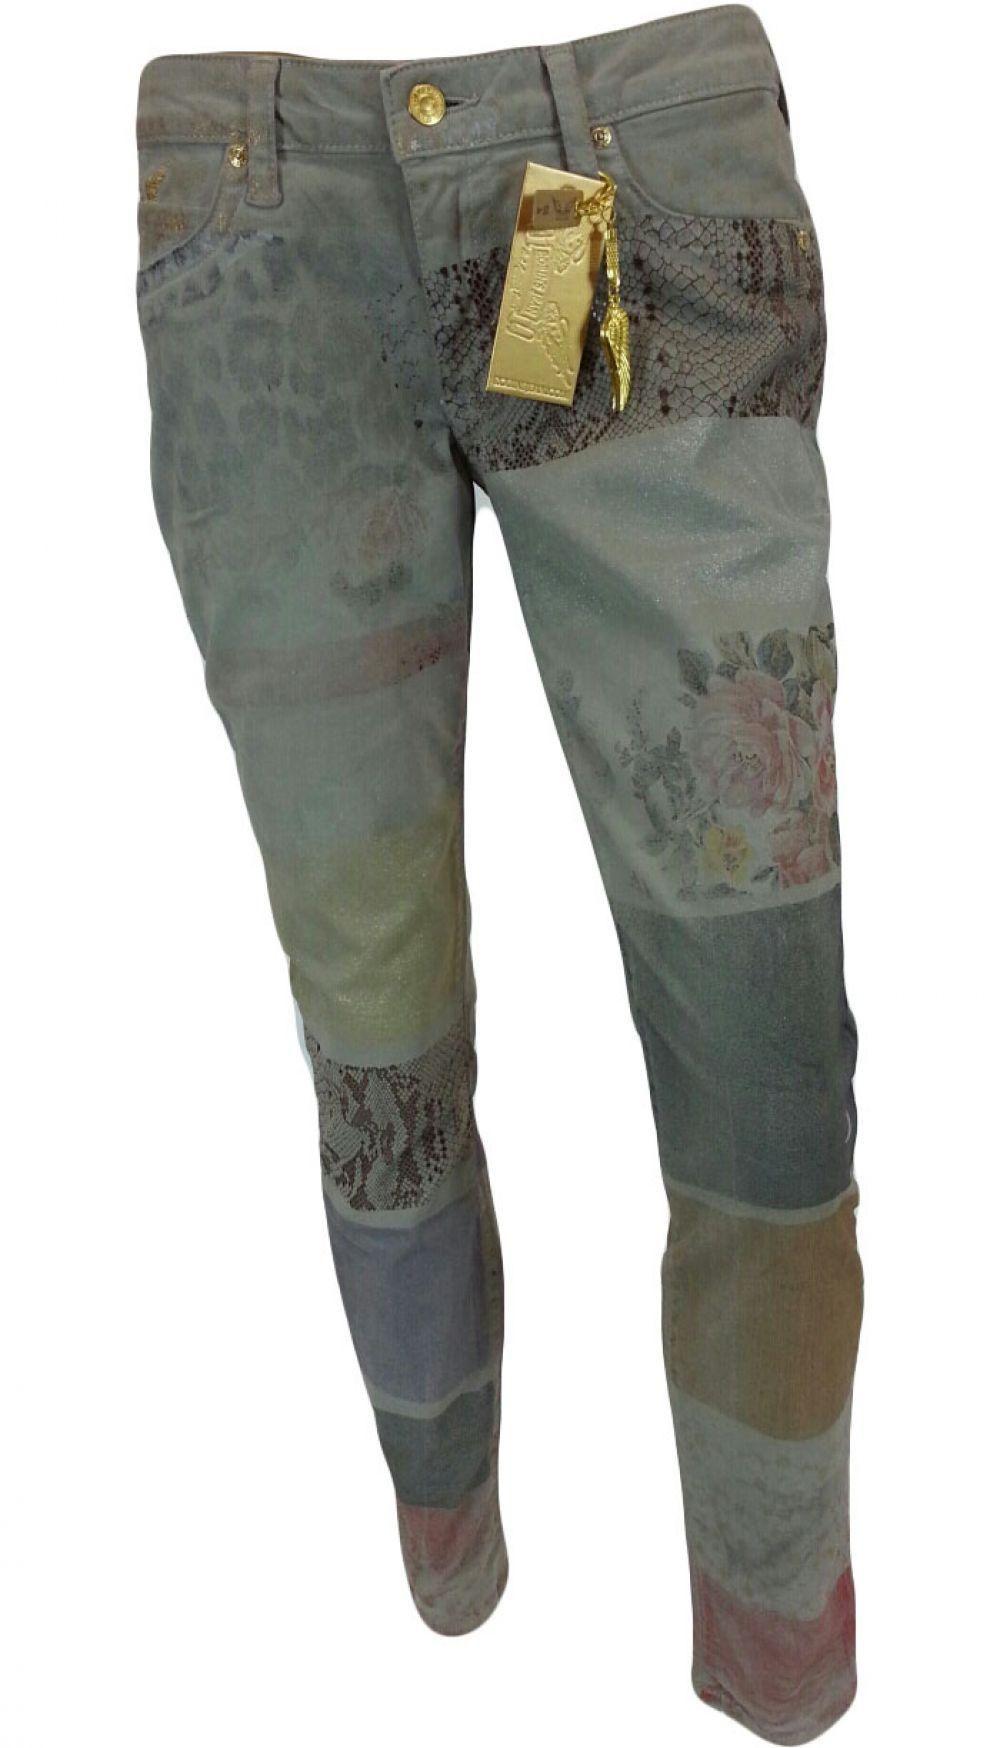 Robin's Jean Women's w/ Aurum Swarovski Zoo Multy Jeans SP8657GLD-2-5 Zoom Light 29